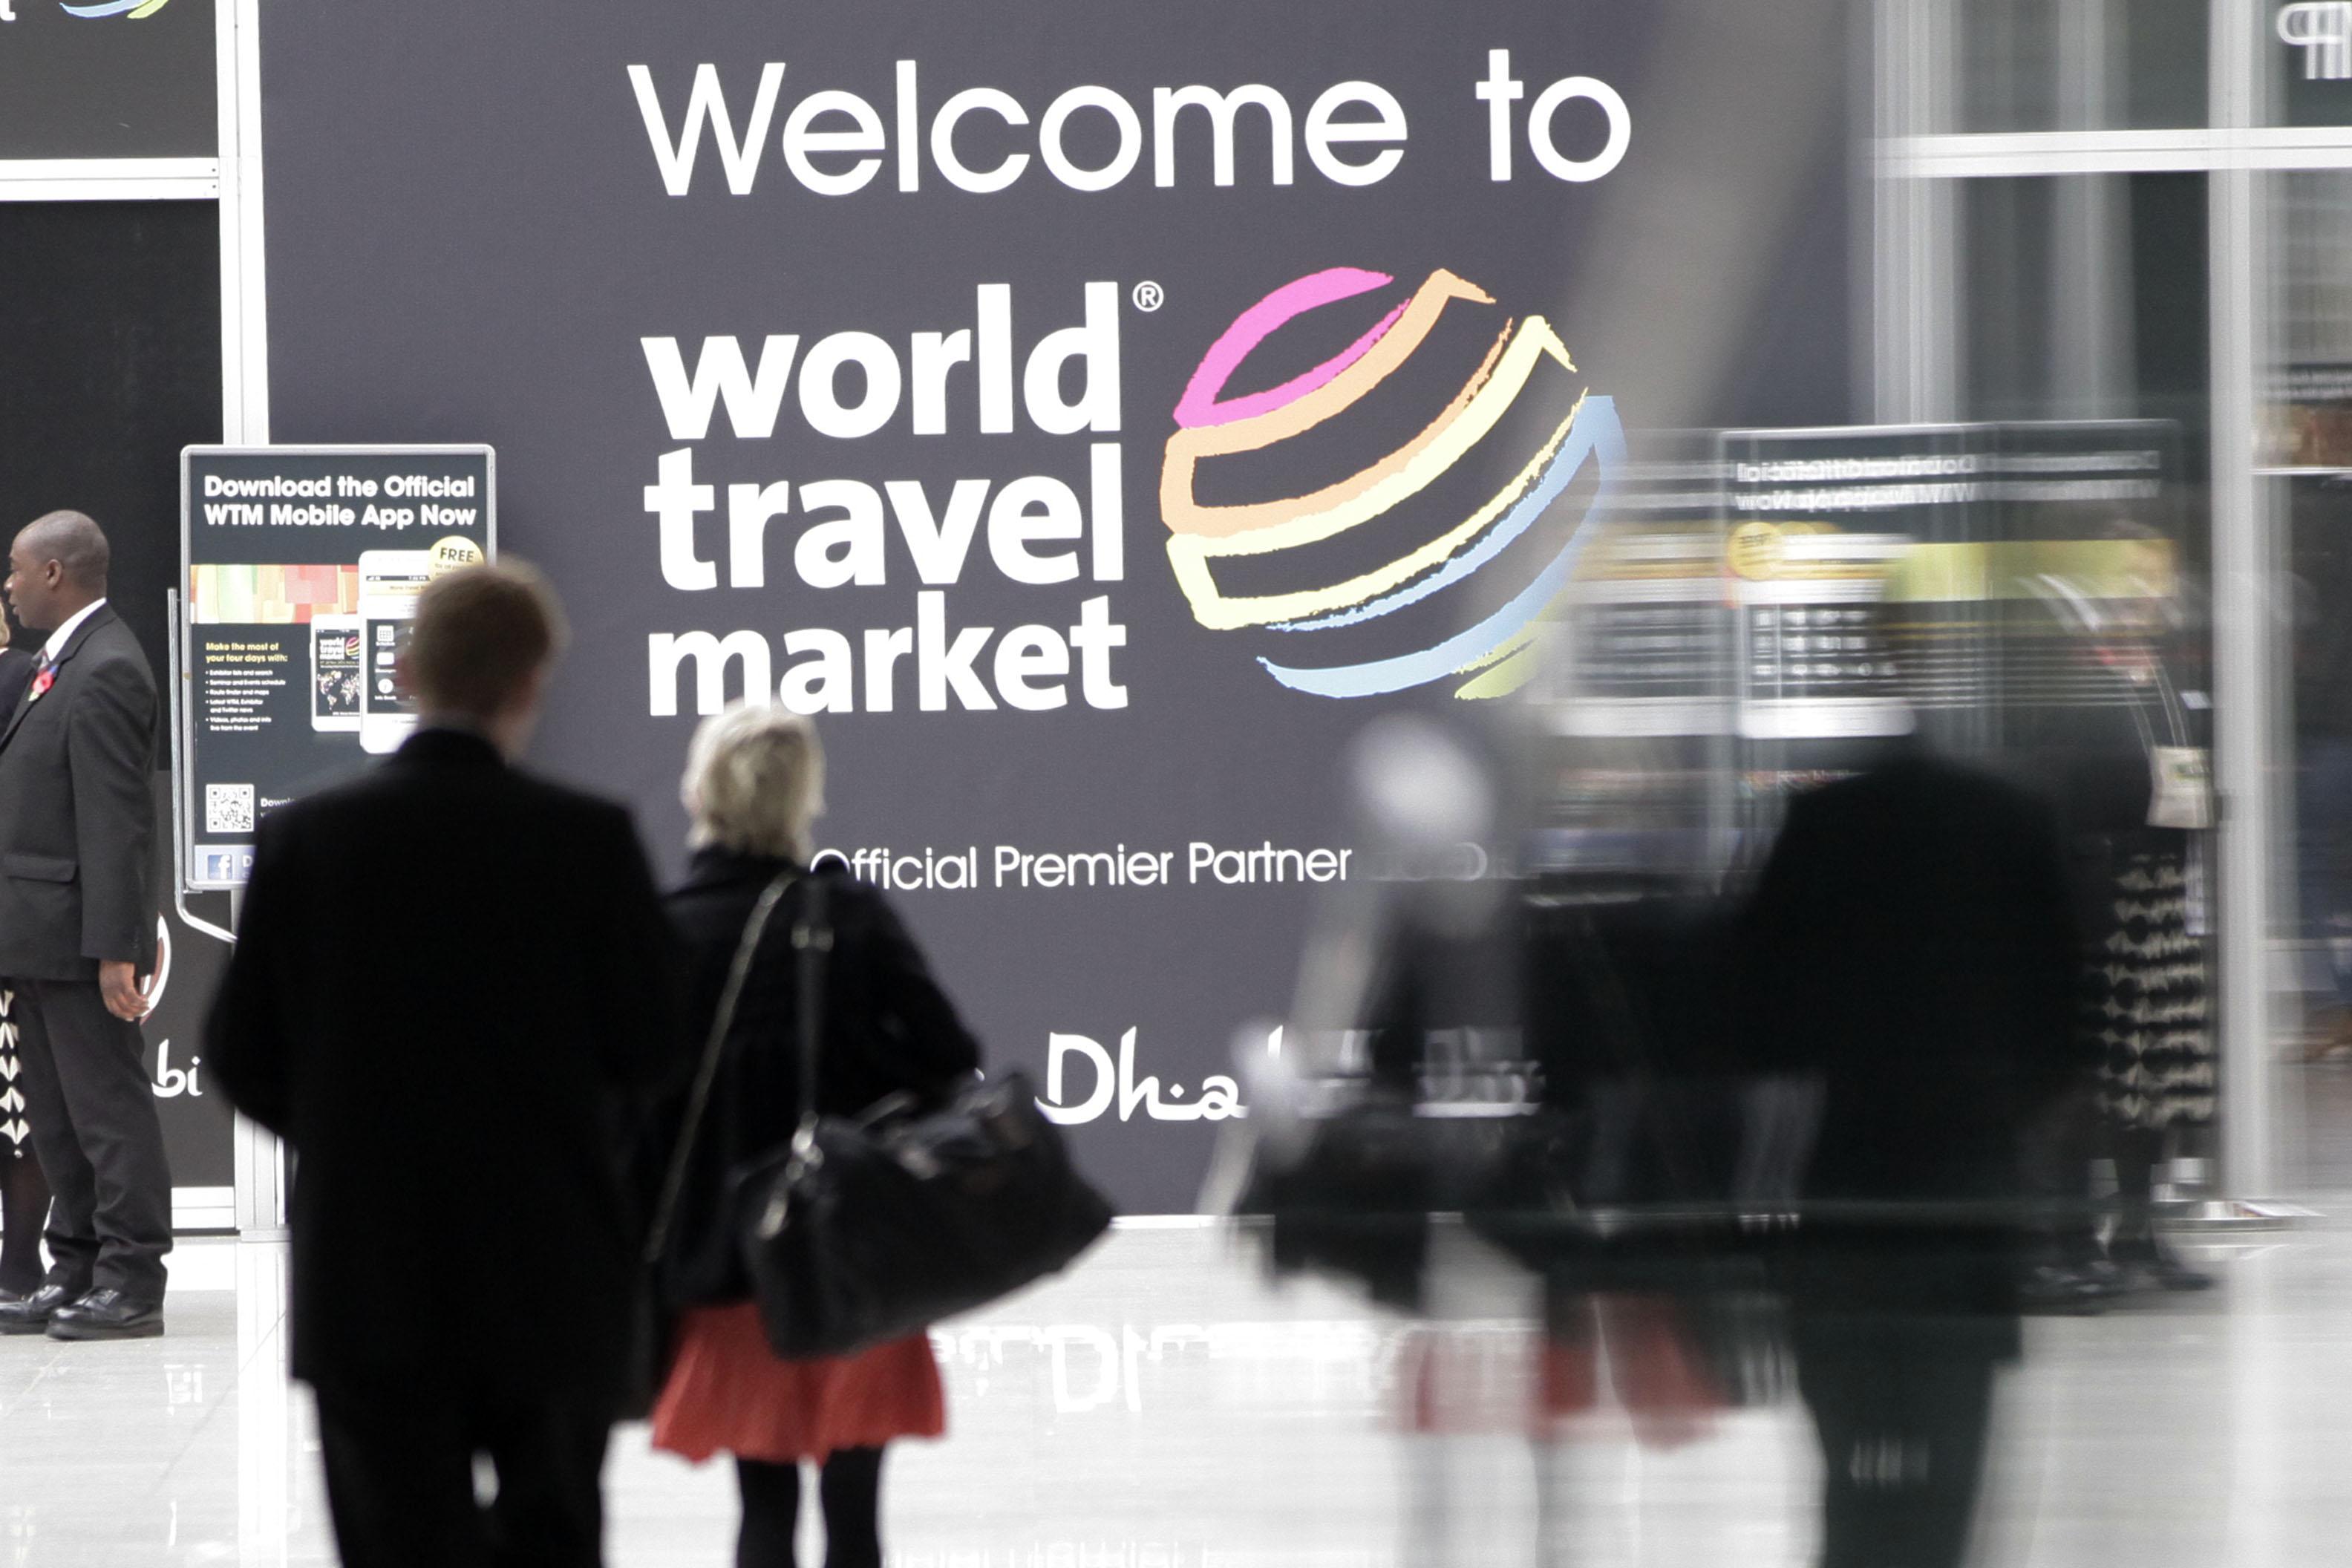 220 مليون جنيه إسترليني تنتظر بريطانيا بسبب معرض سوق السفر العالمي